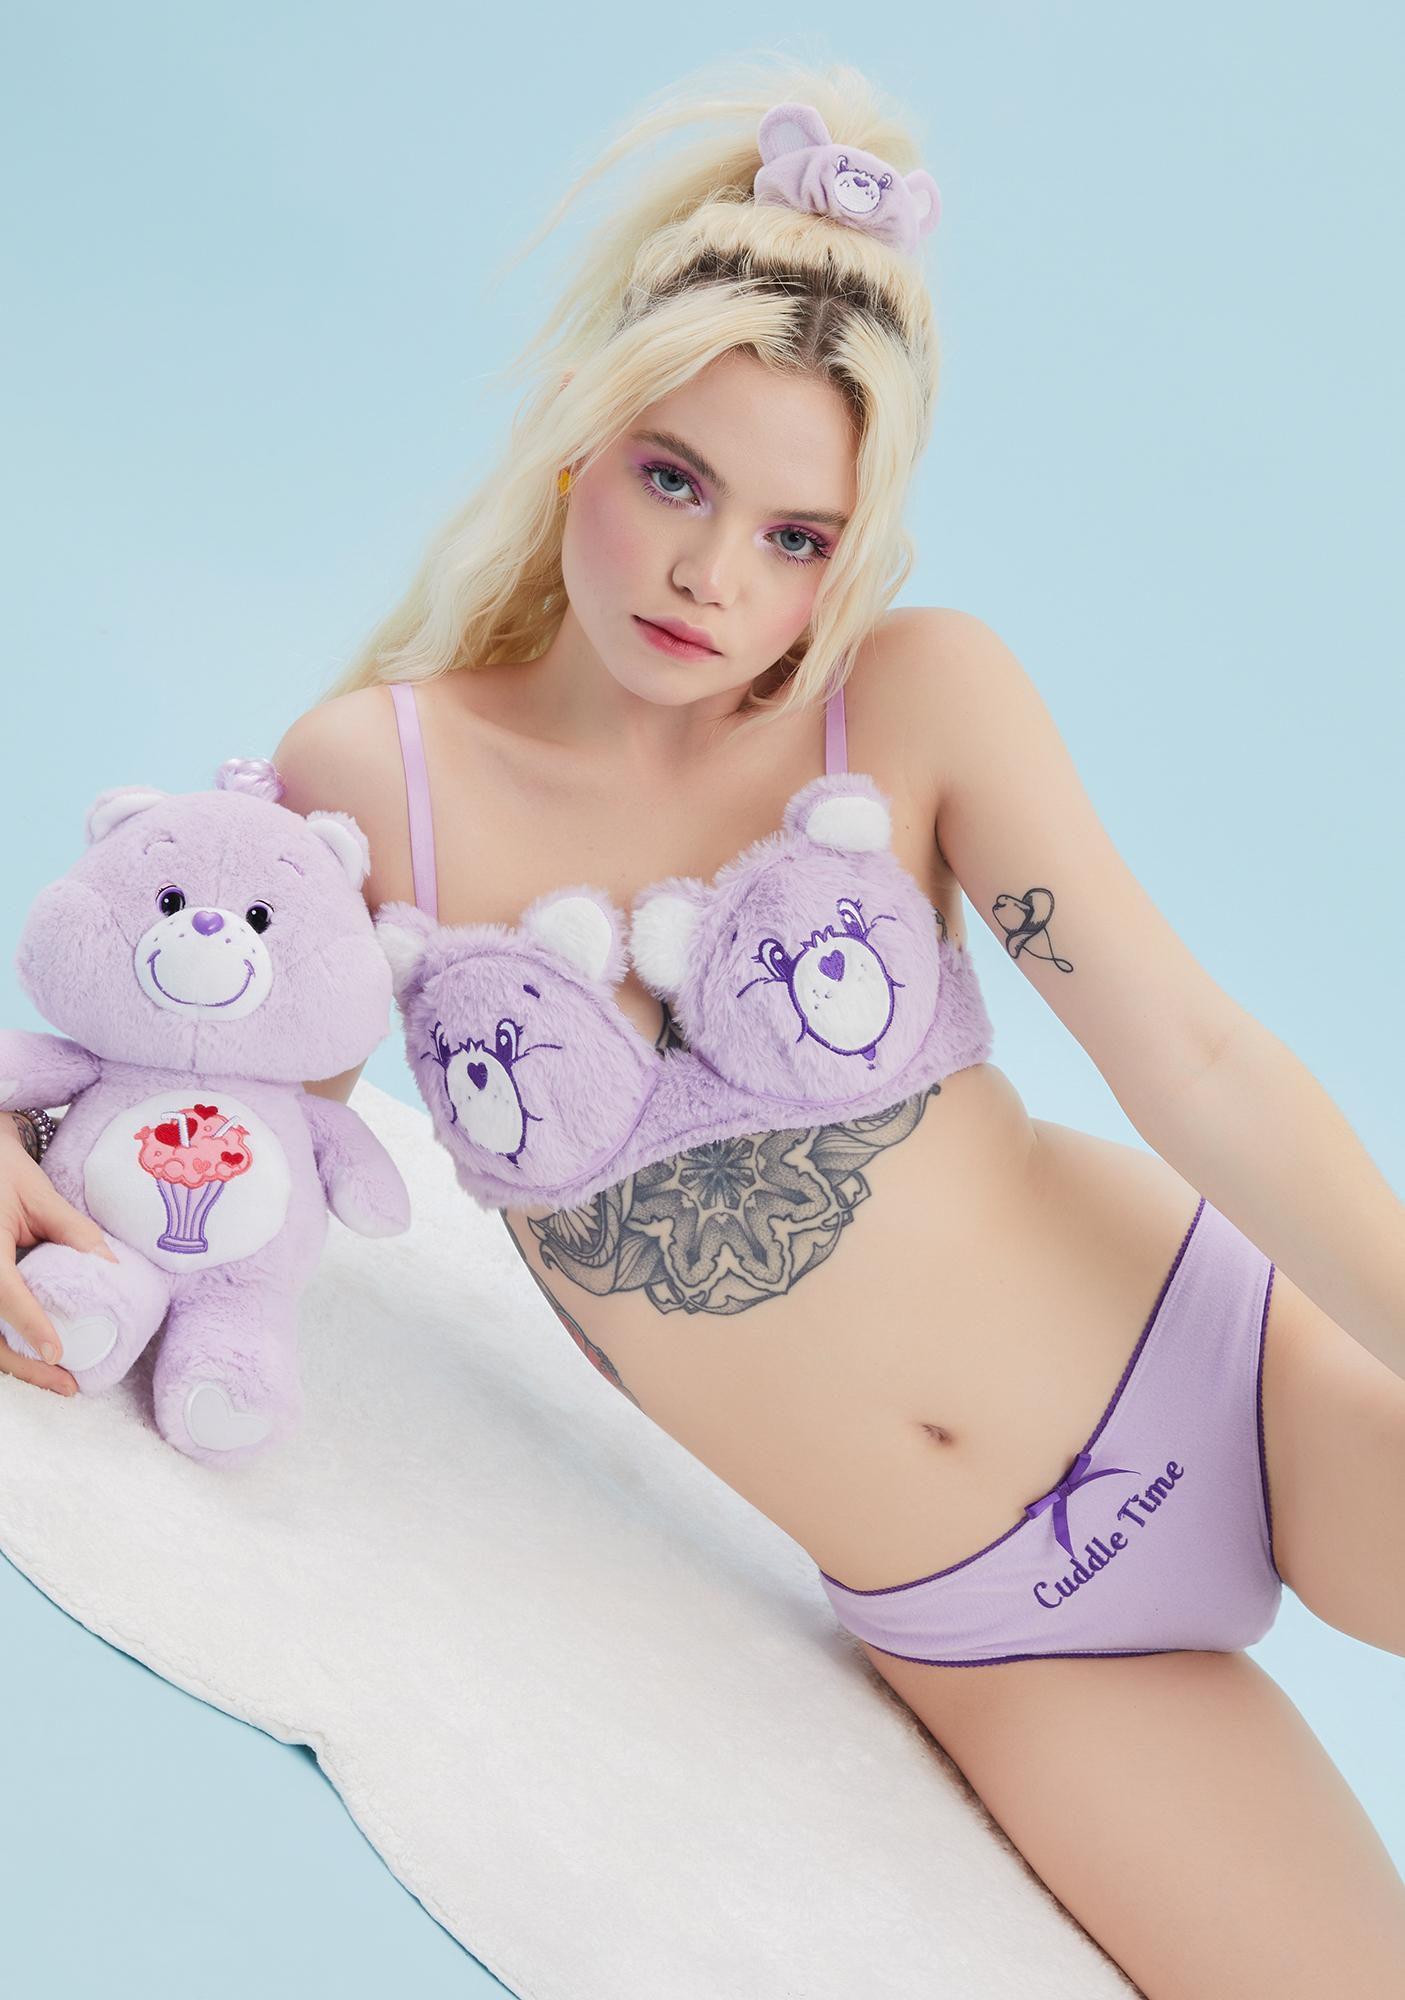 Dolls Kill x Care Bears Hold Me Close Lingerie Set